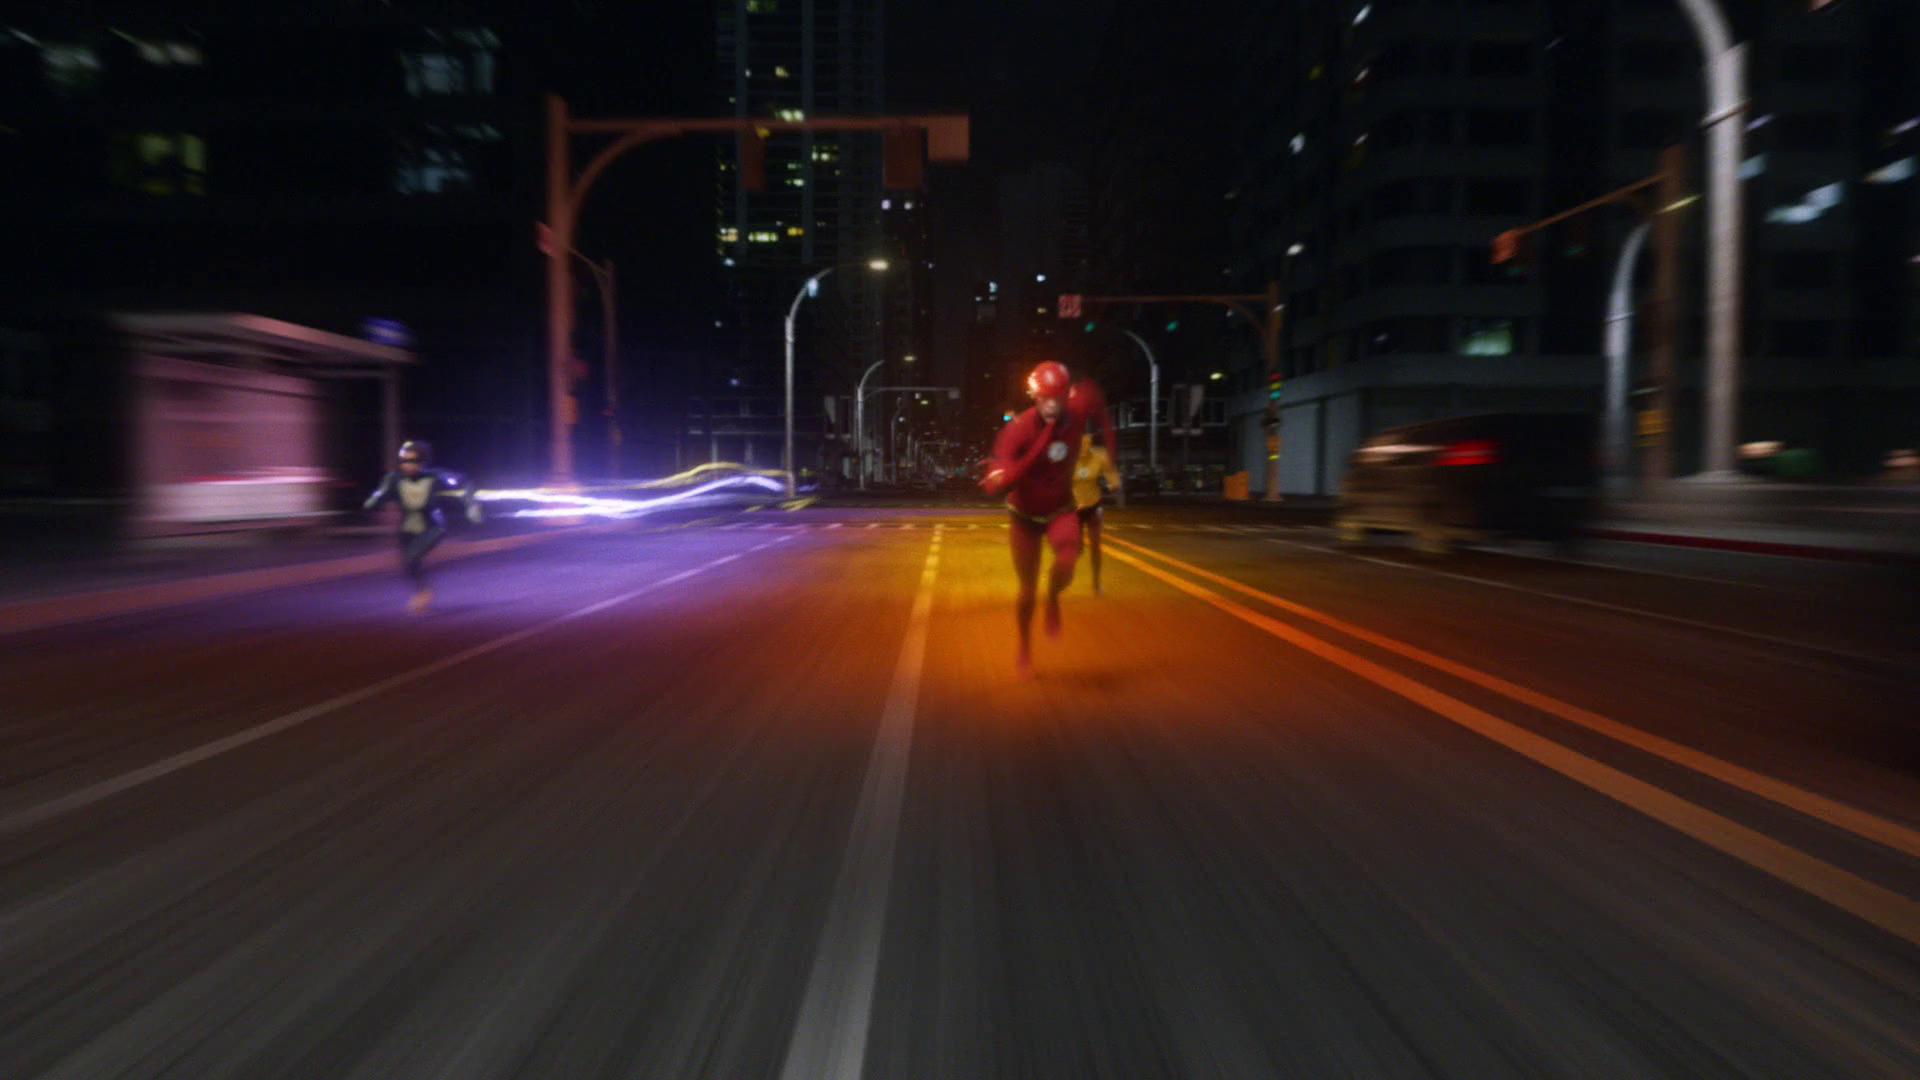 The Flash - Stagione 5 (2019) (16/22) DLMux 1080P ITA ENG AC3 x264 mkv